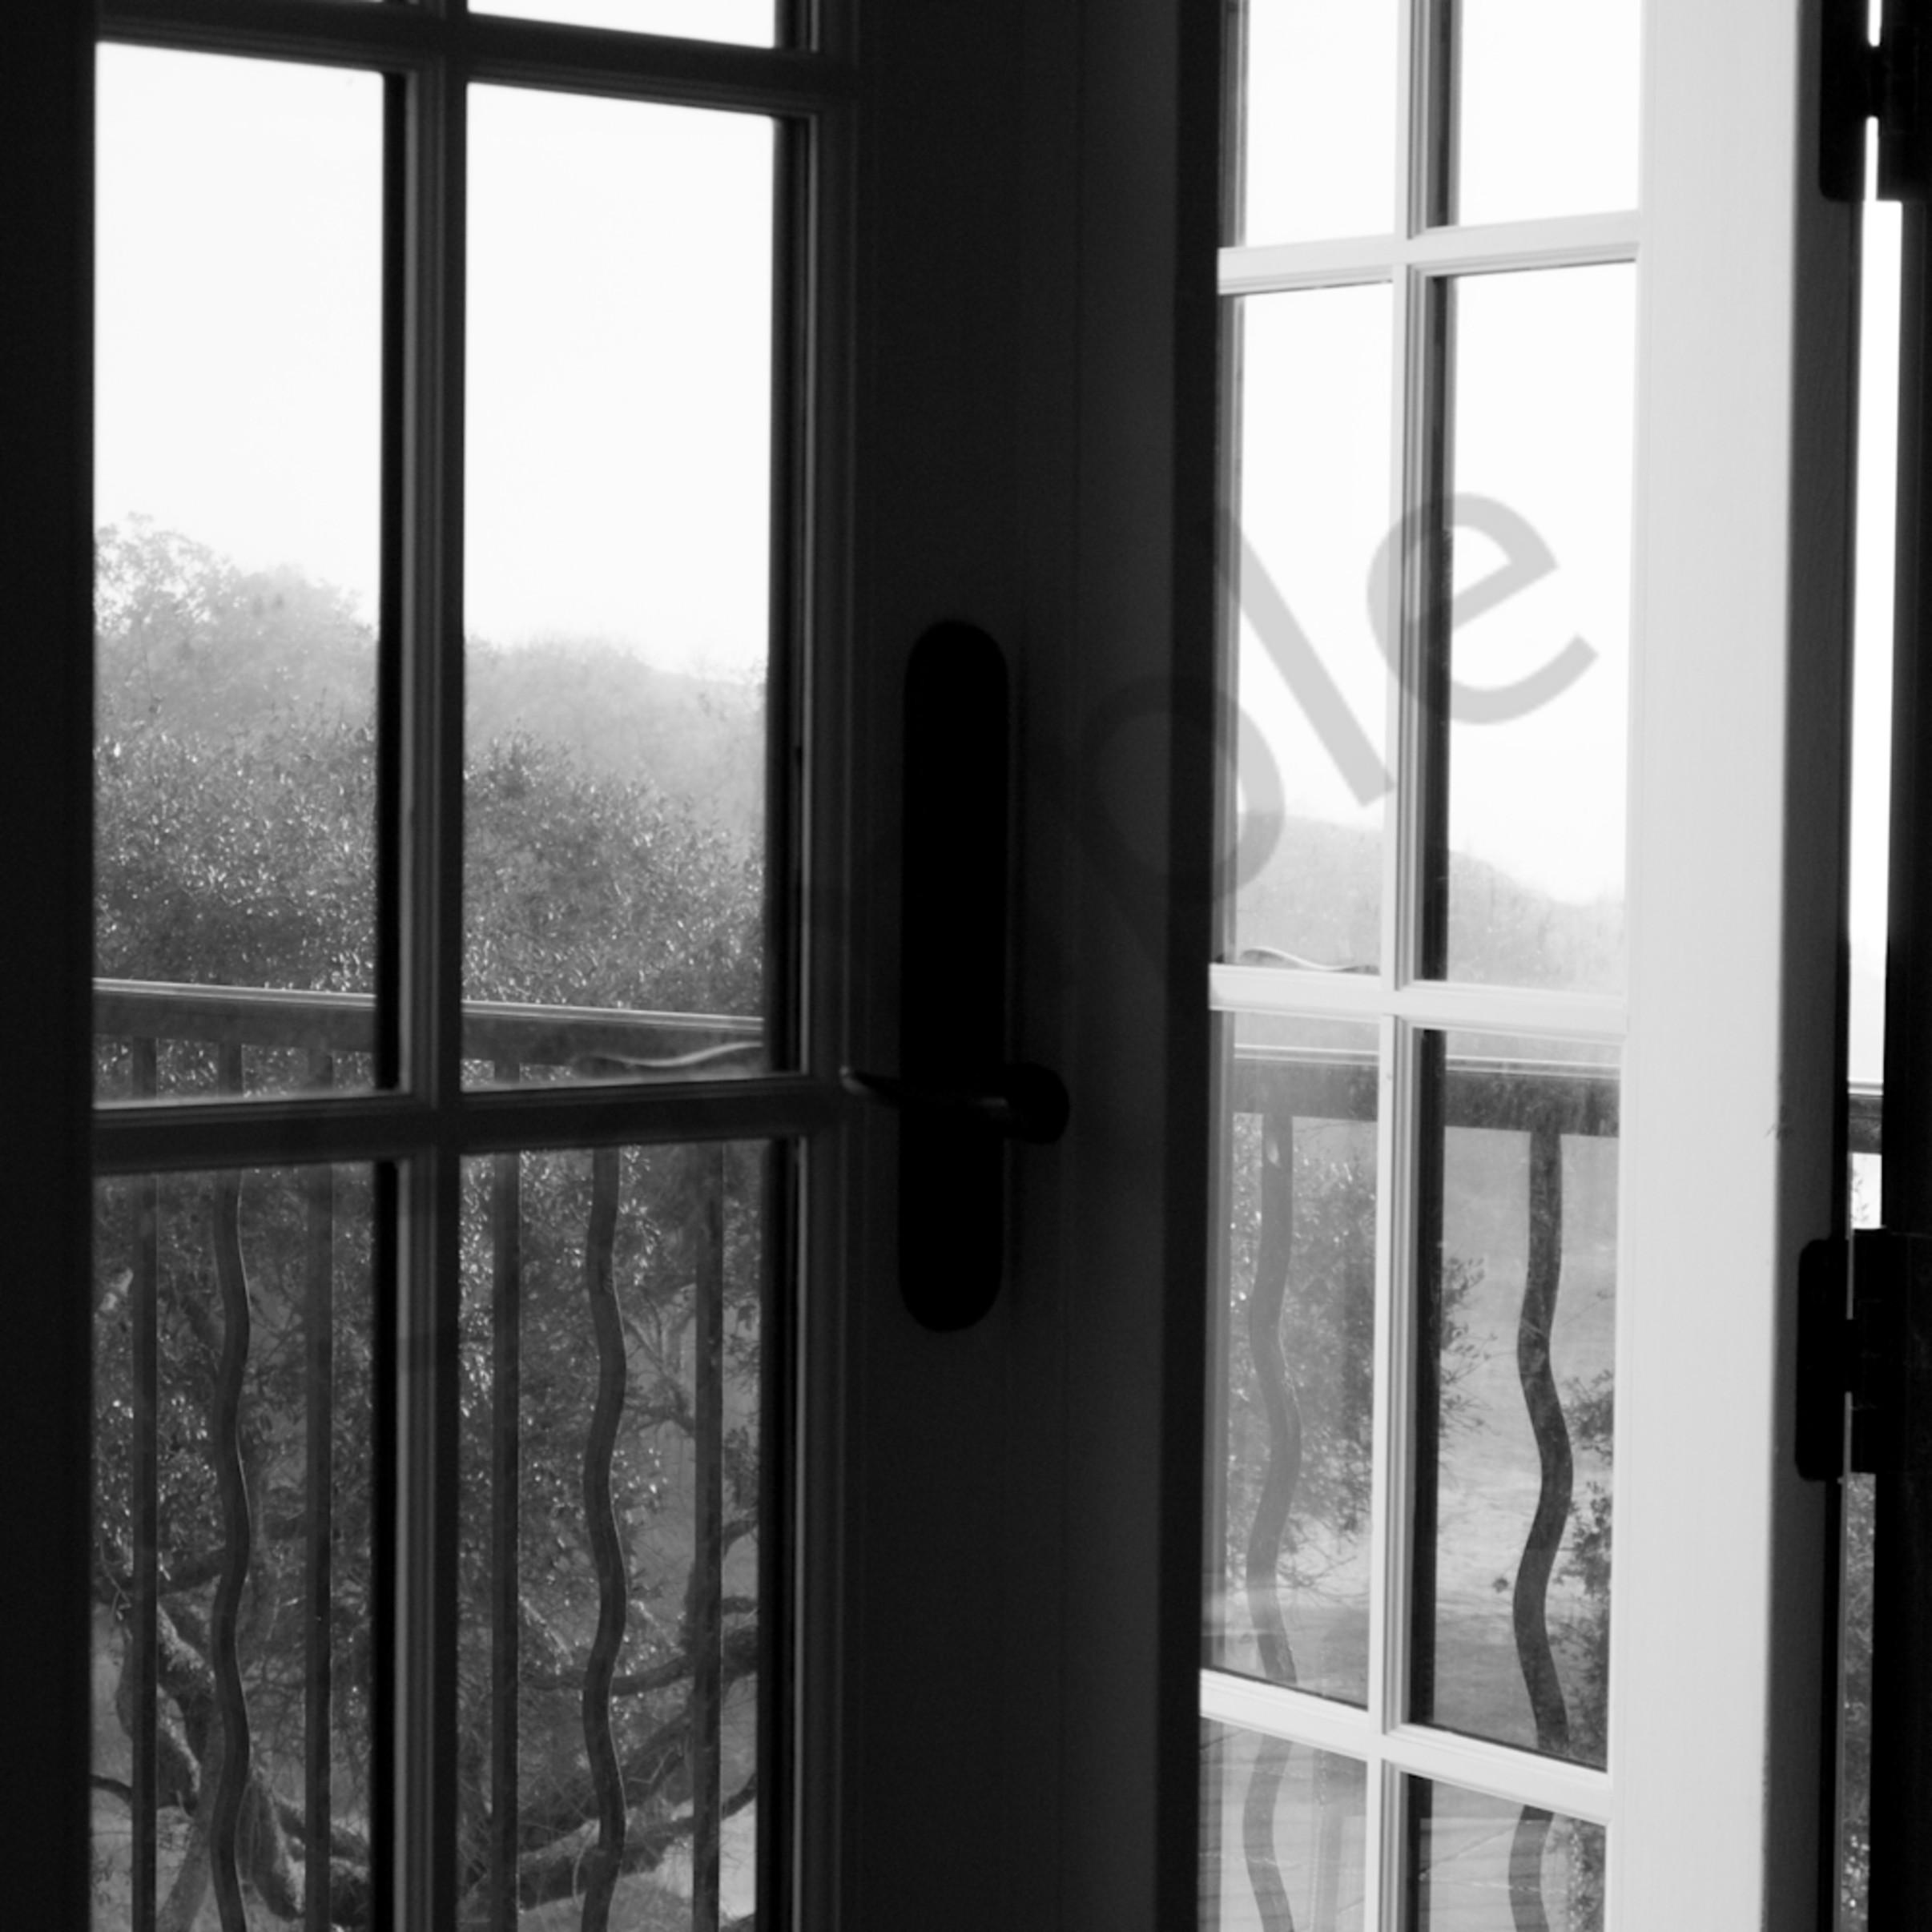 Doorway kwrw3f